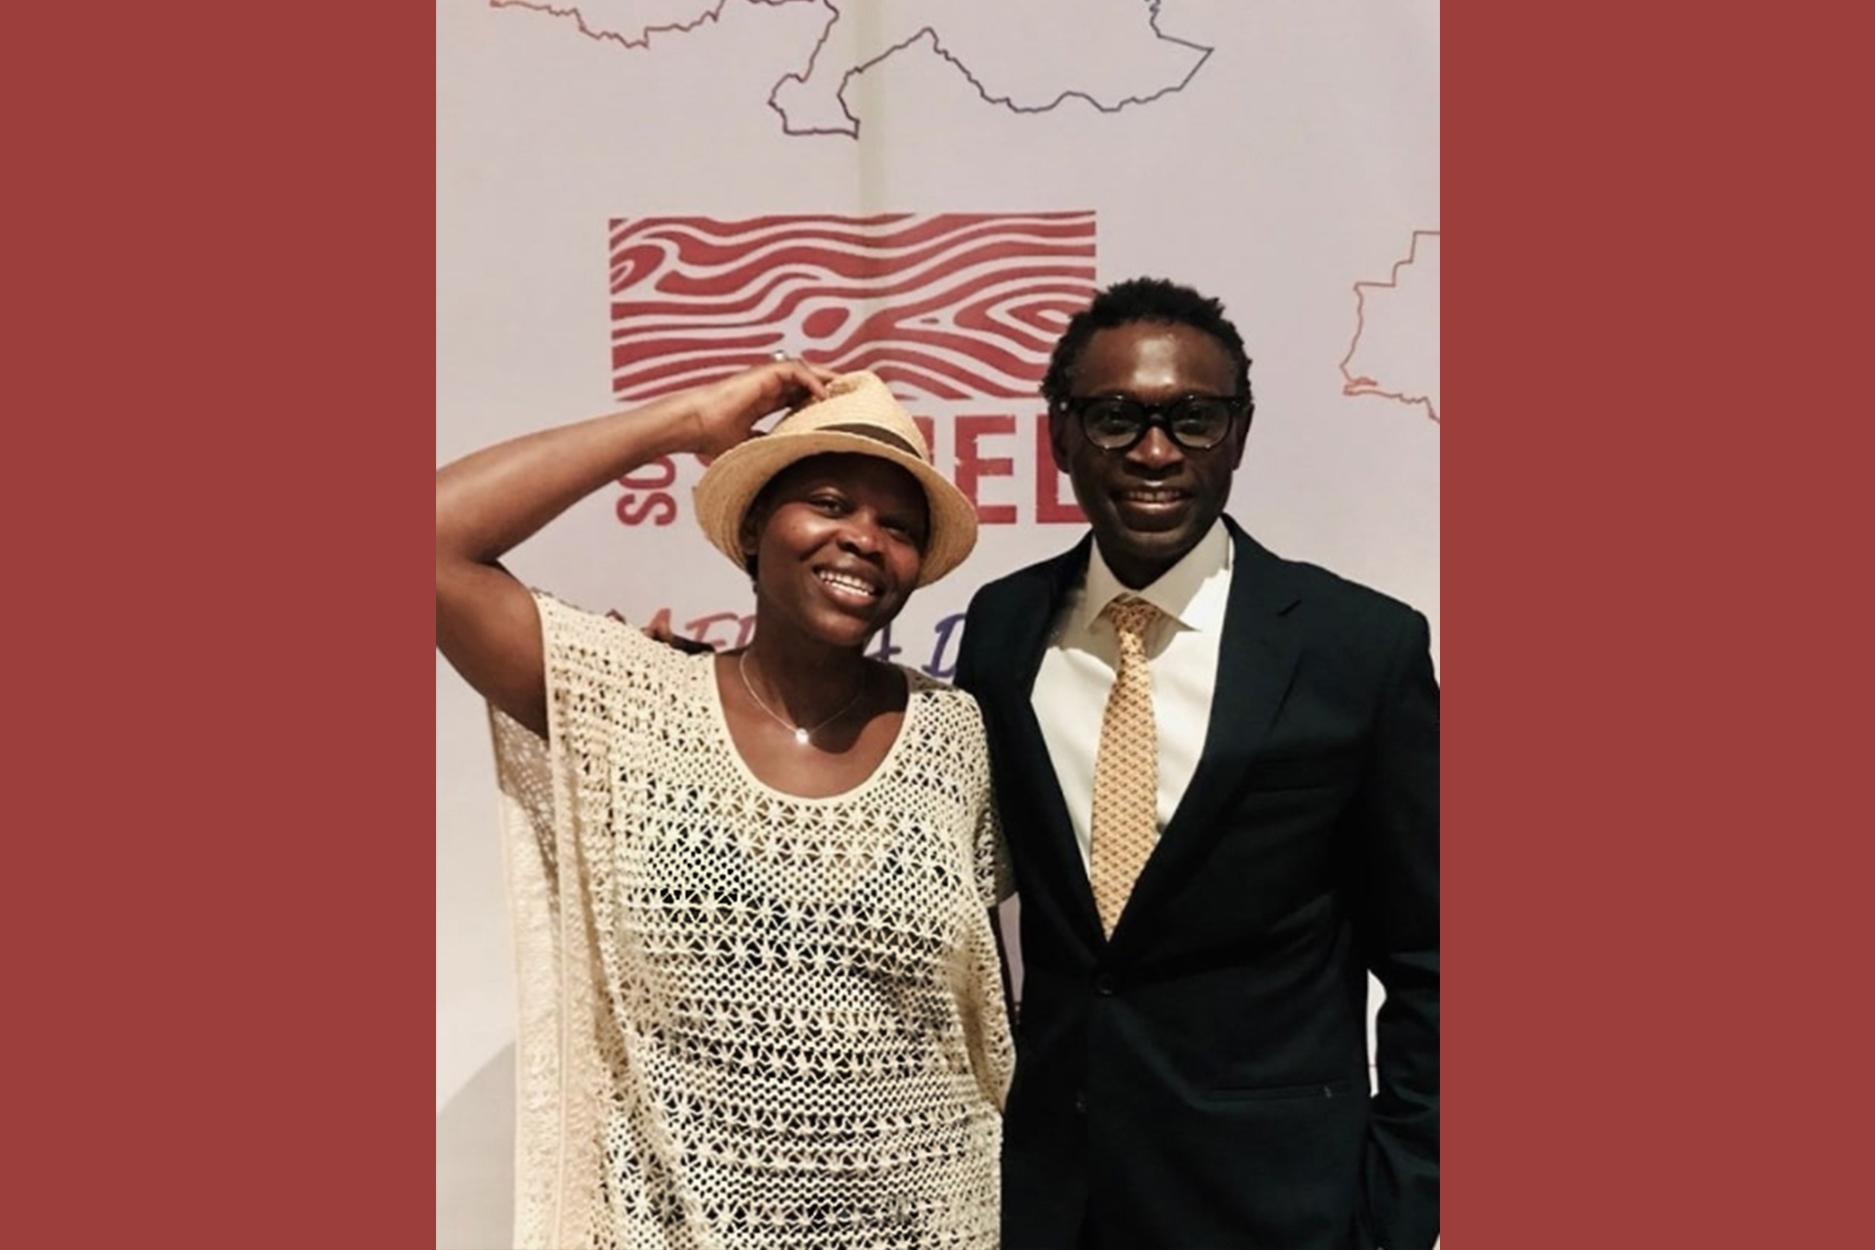 Passer saluer Chef Pierre Thiam, mon hôte à la soirée de Gala SOS Sahel, Dakar Sénégal